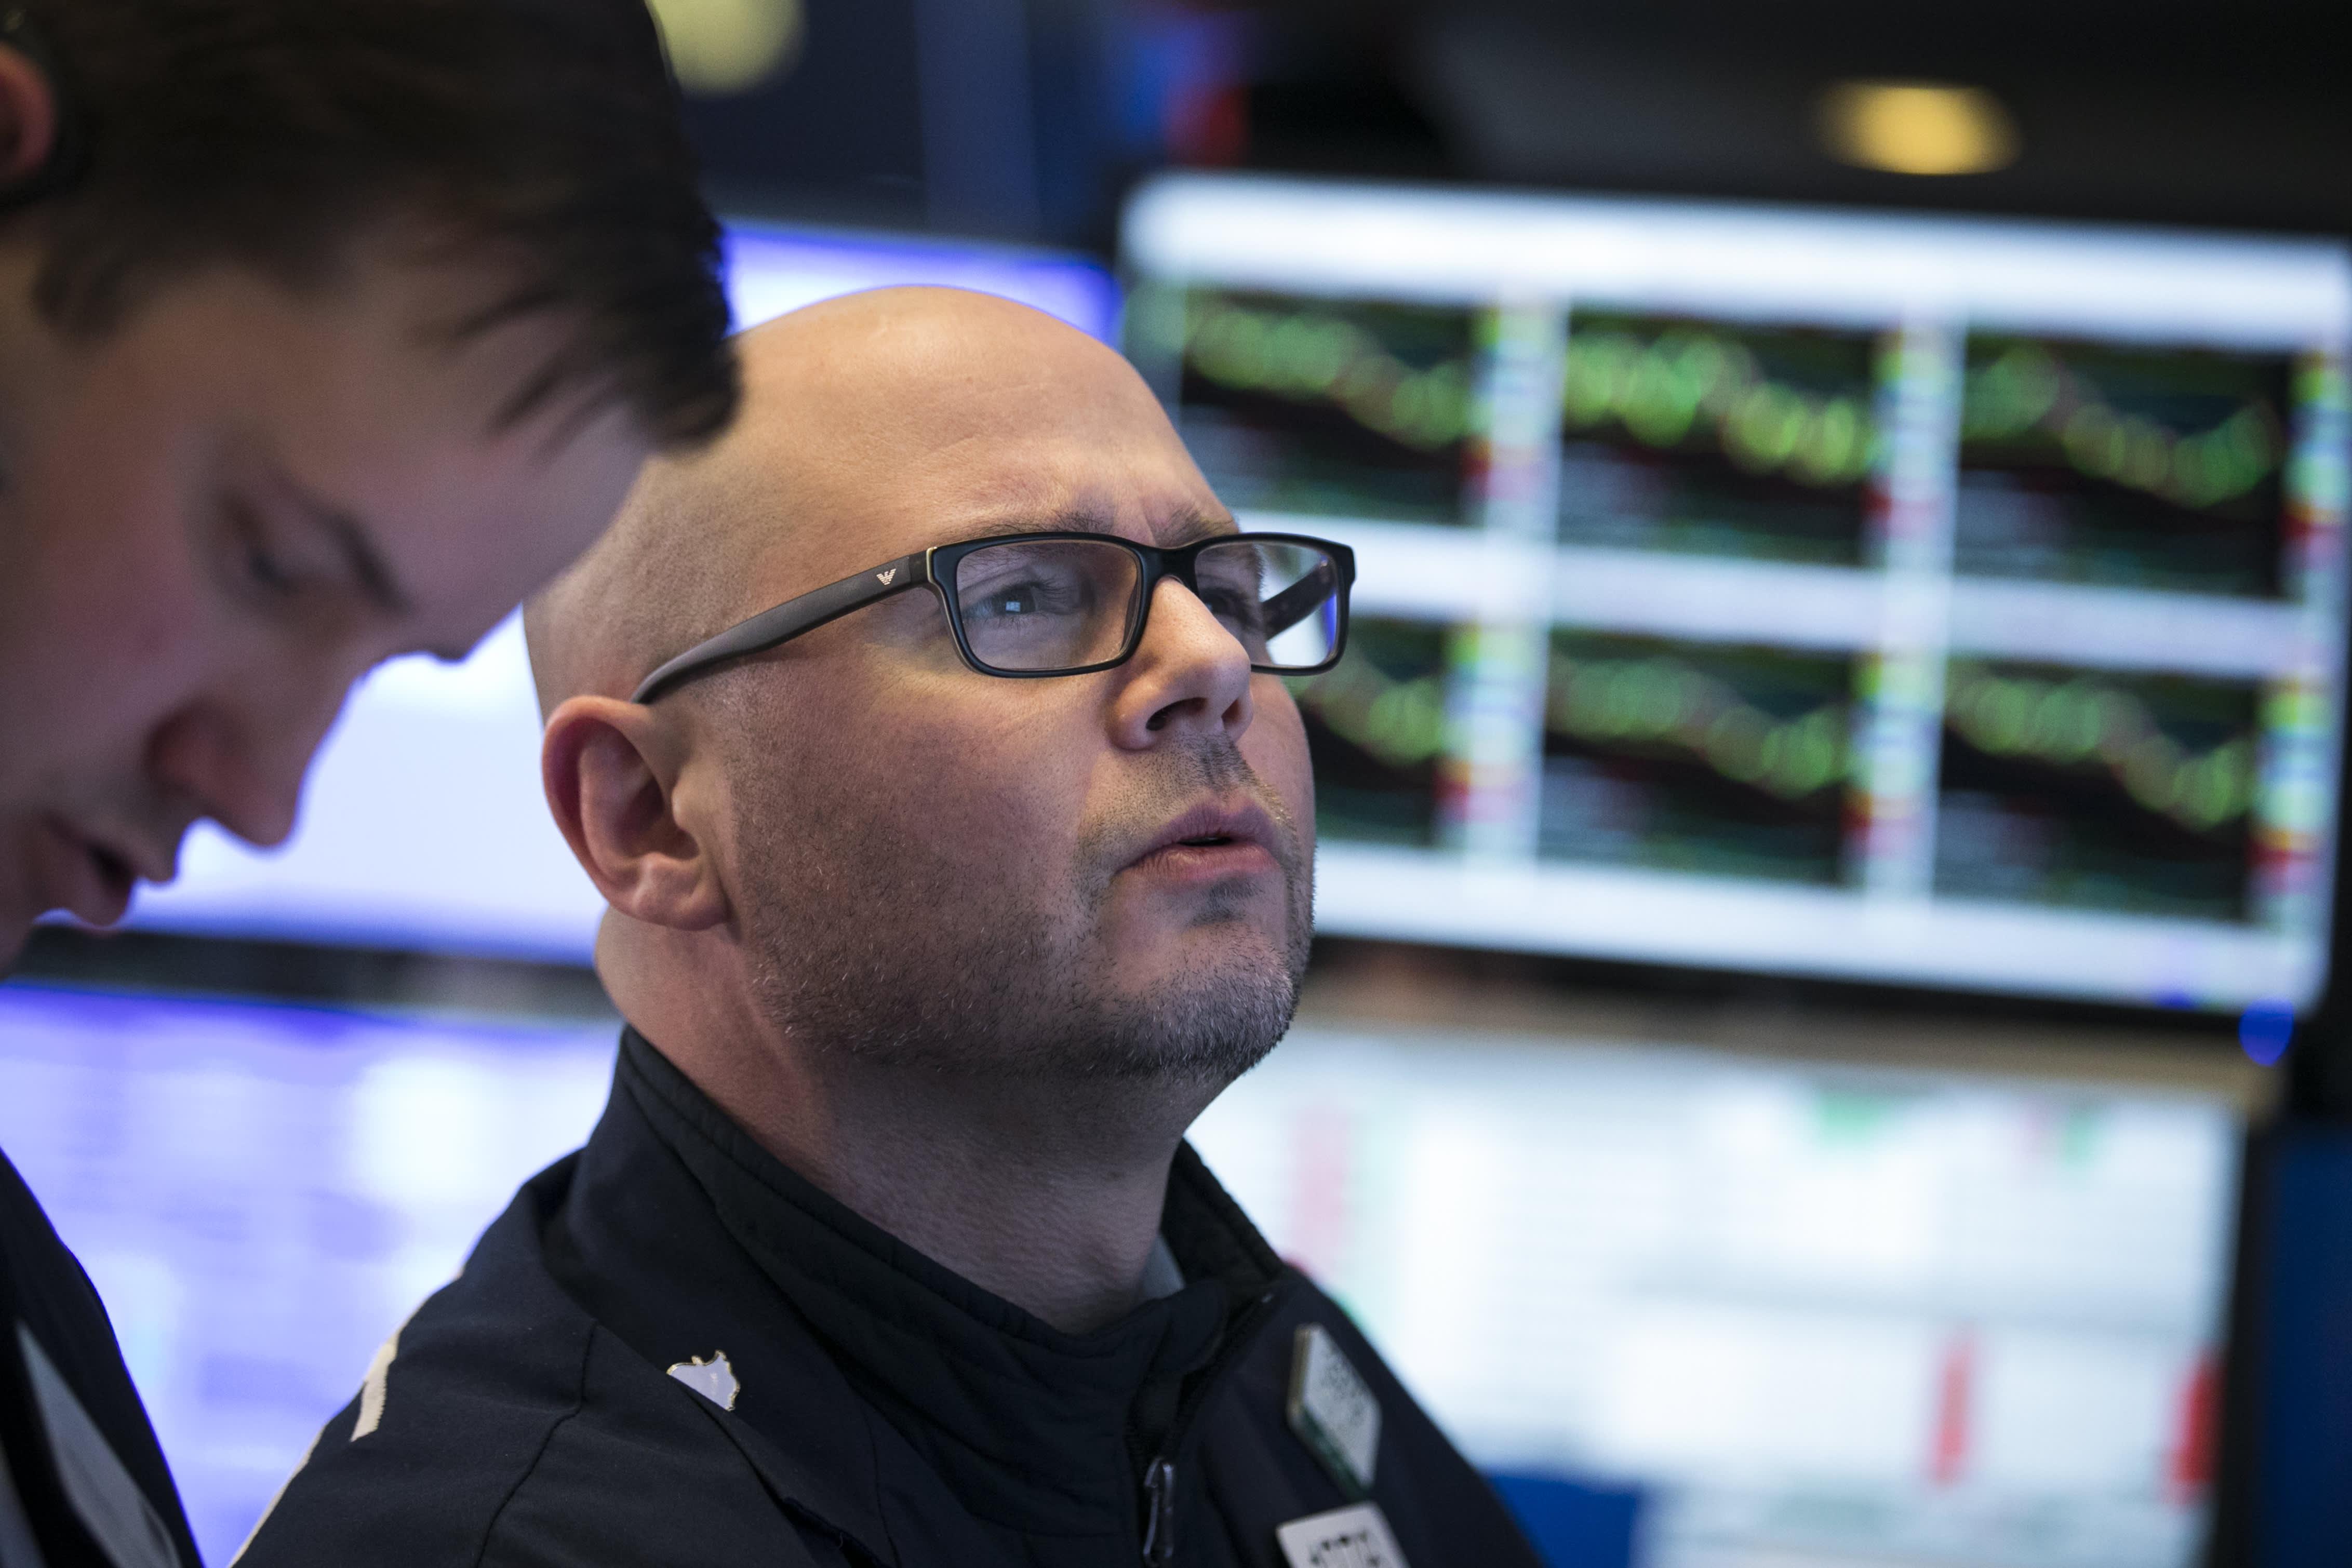 Stocks making the biggest moves premarket: CVS Health, Garmin, Gannett, Apple & more